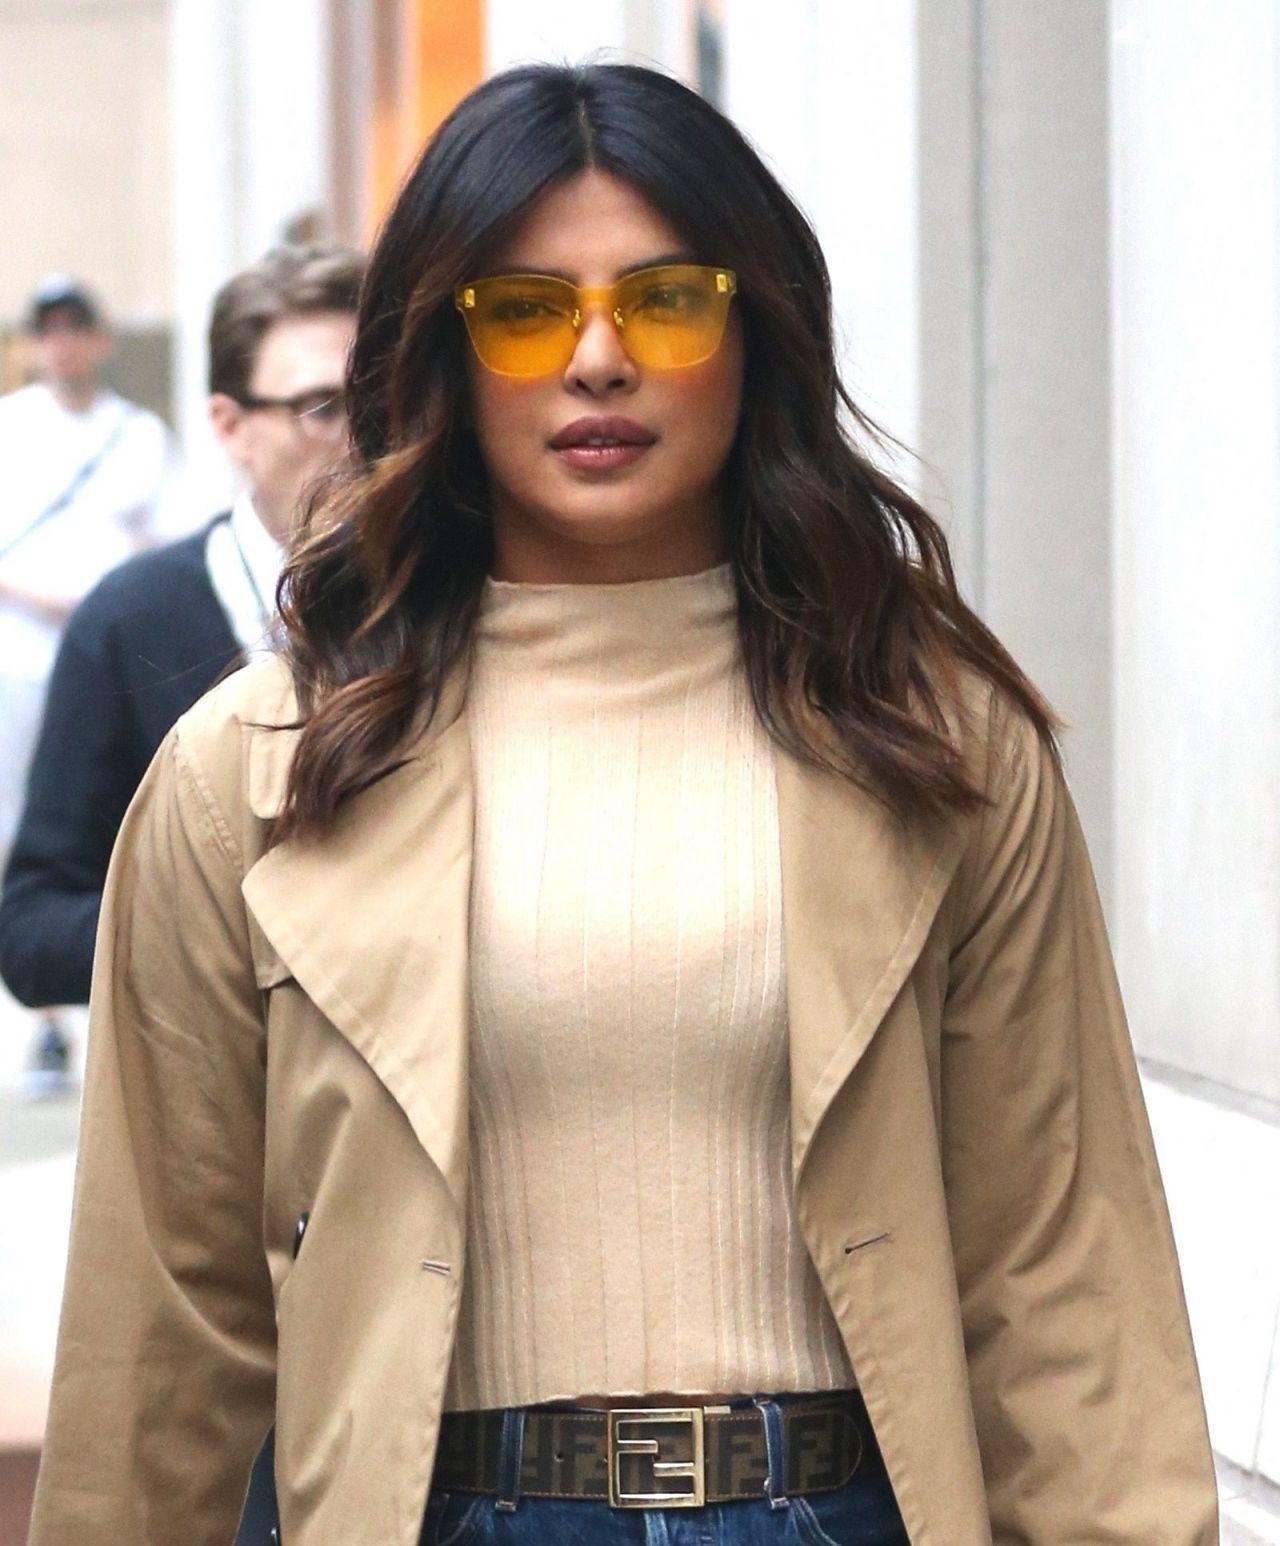 Priyanka Chopra Heading To The Tonight Show With Jimmy